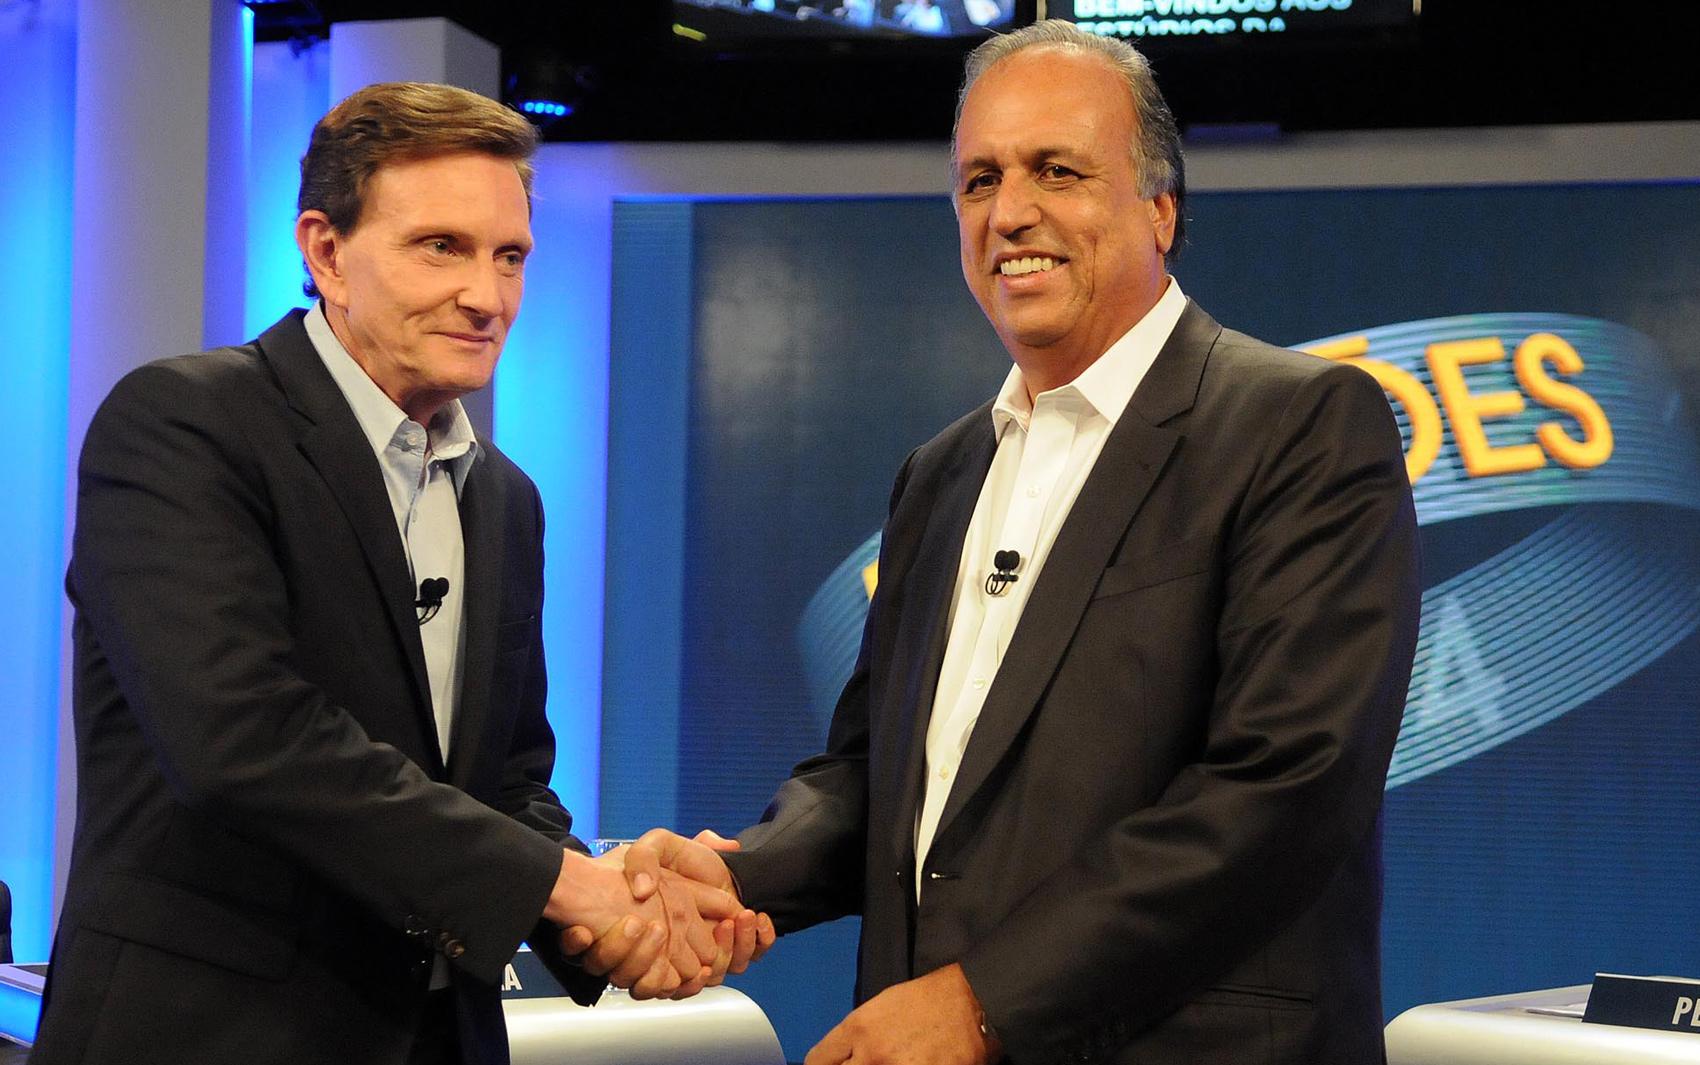 Crivella e Pezão, candidatos ao governo do estado, nos estúdios da TV Globo